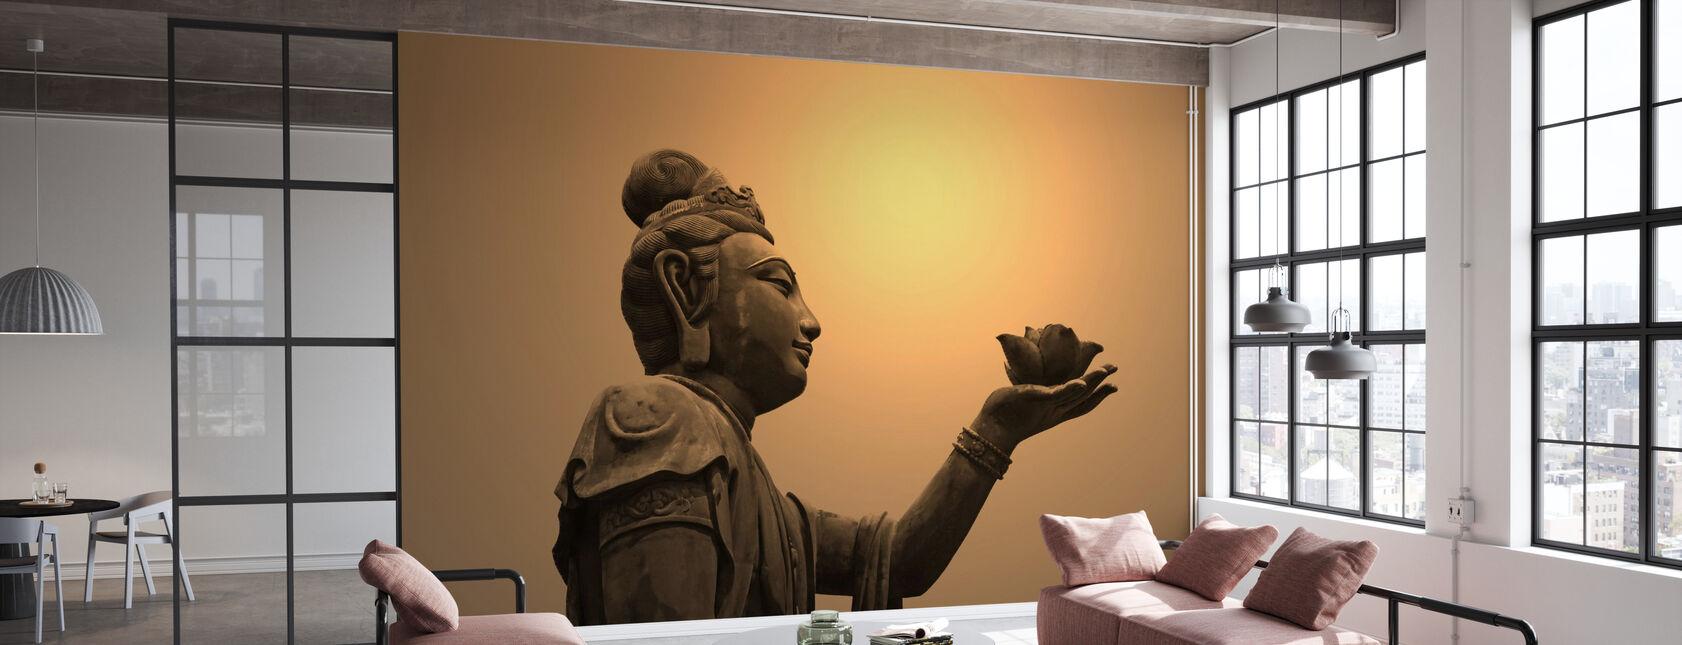 Buddhistiske Statue, Hongkong - Tapet - Kontor